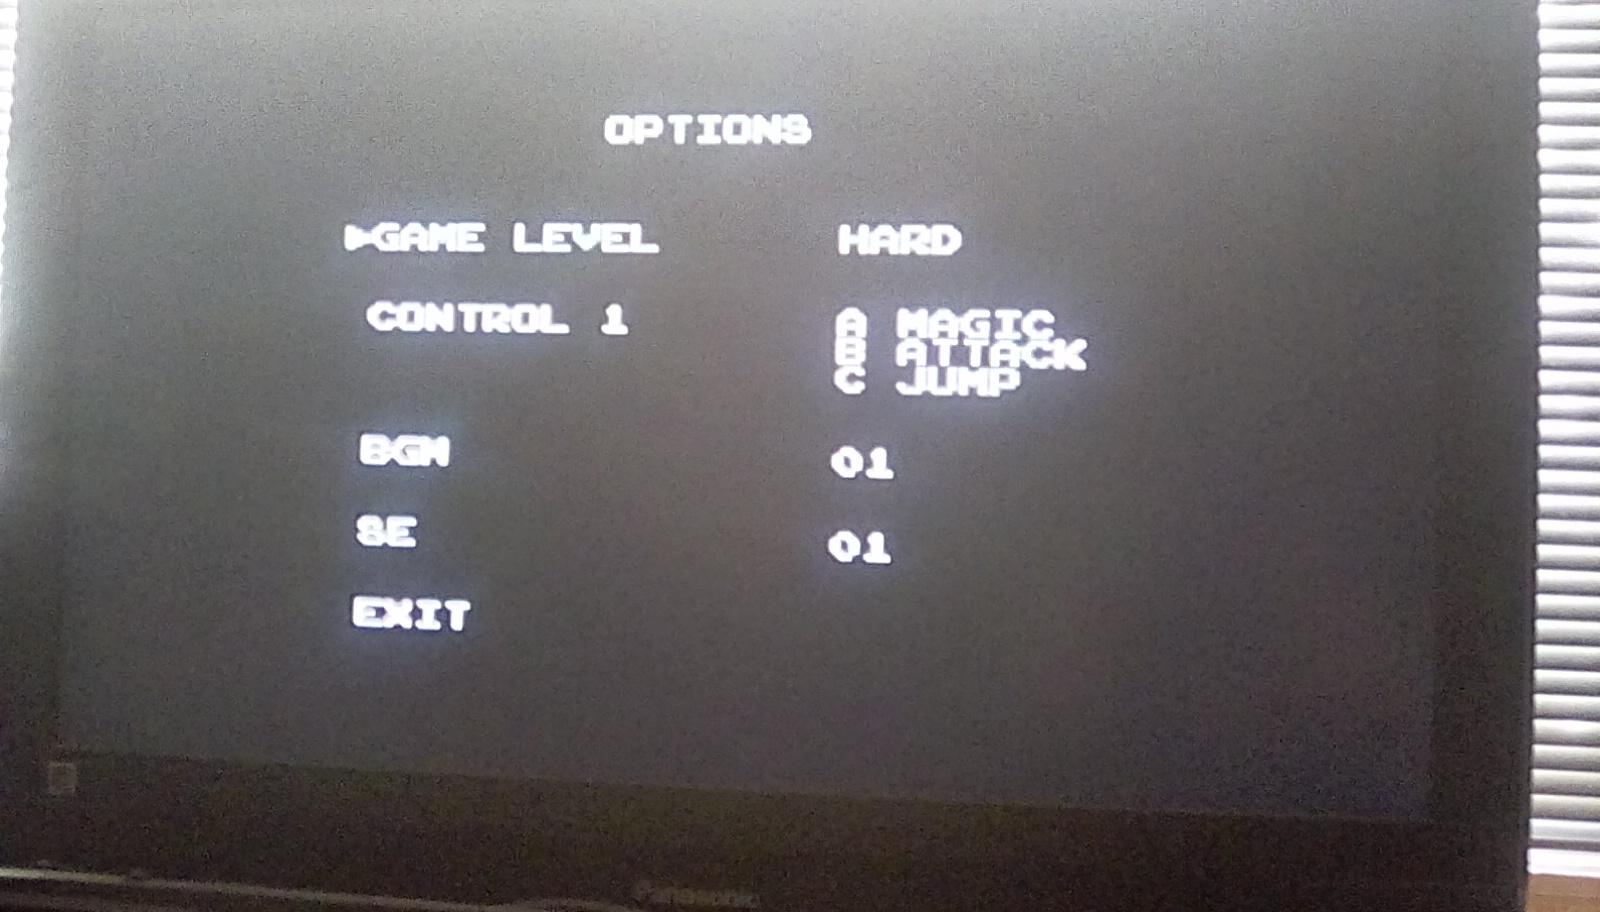 Golden Axe III [Hard] 69 points